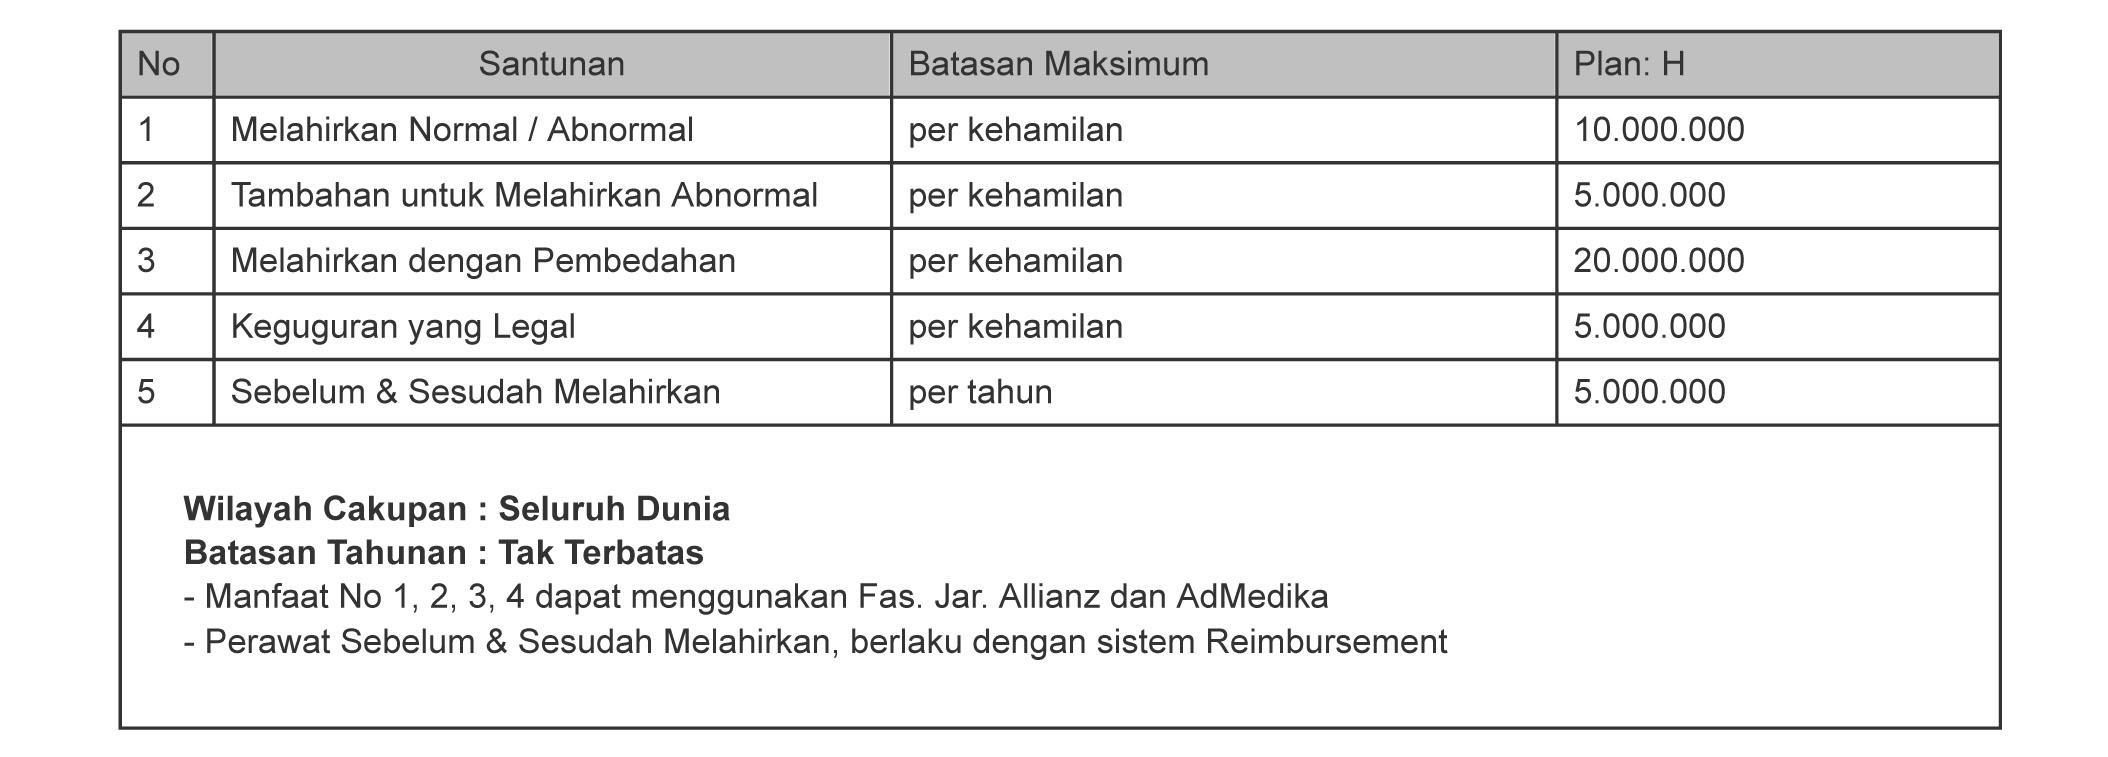 tabel manfaat asuransi melahirkan smarthealth maxi violet atau allisya care plan H